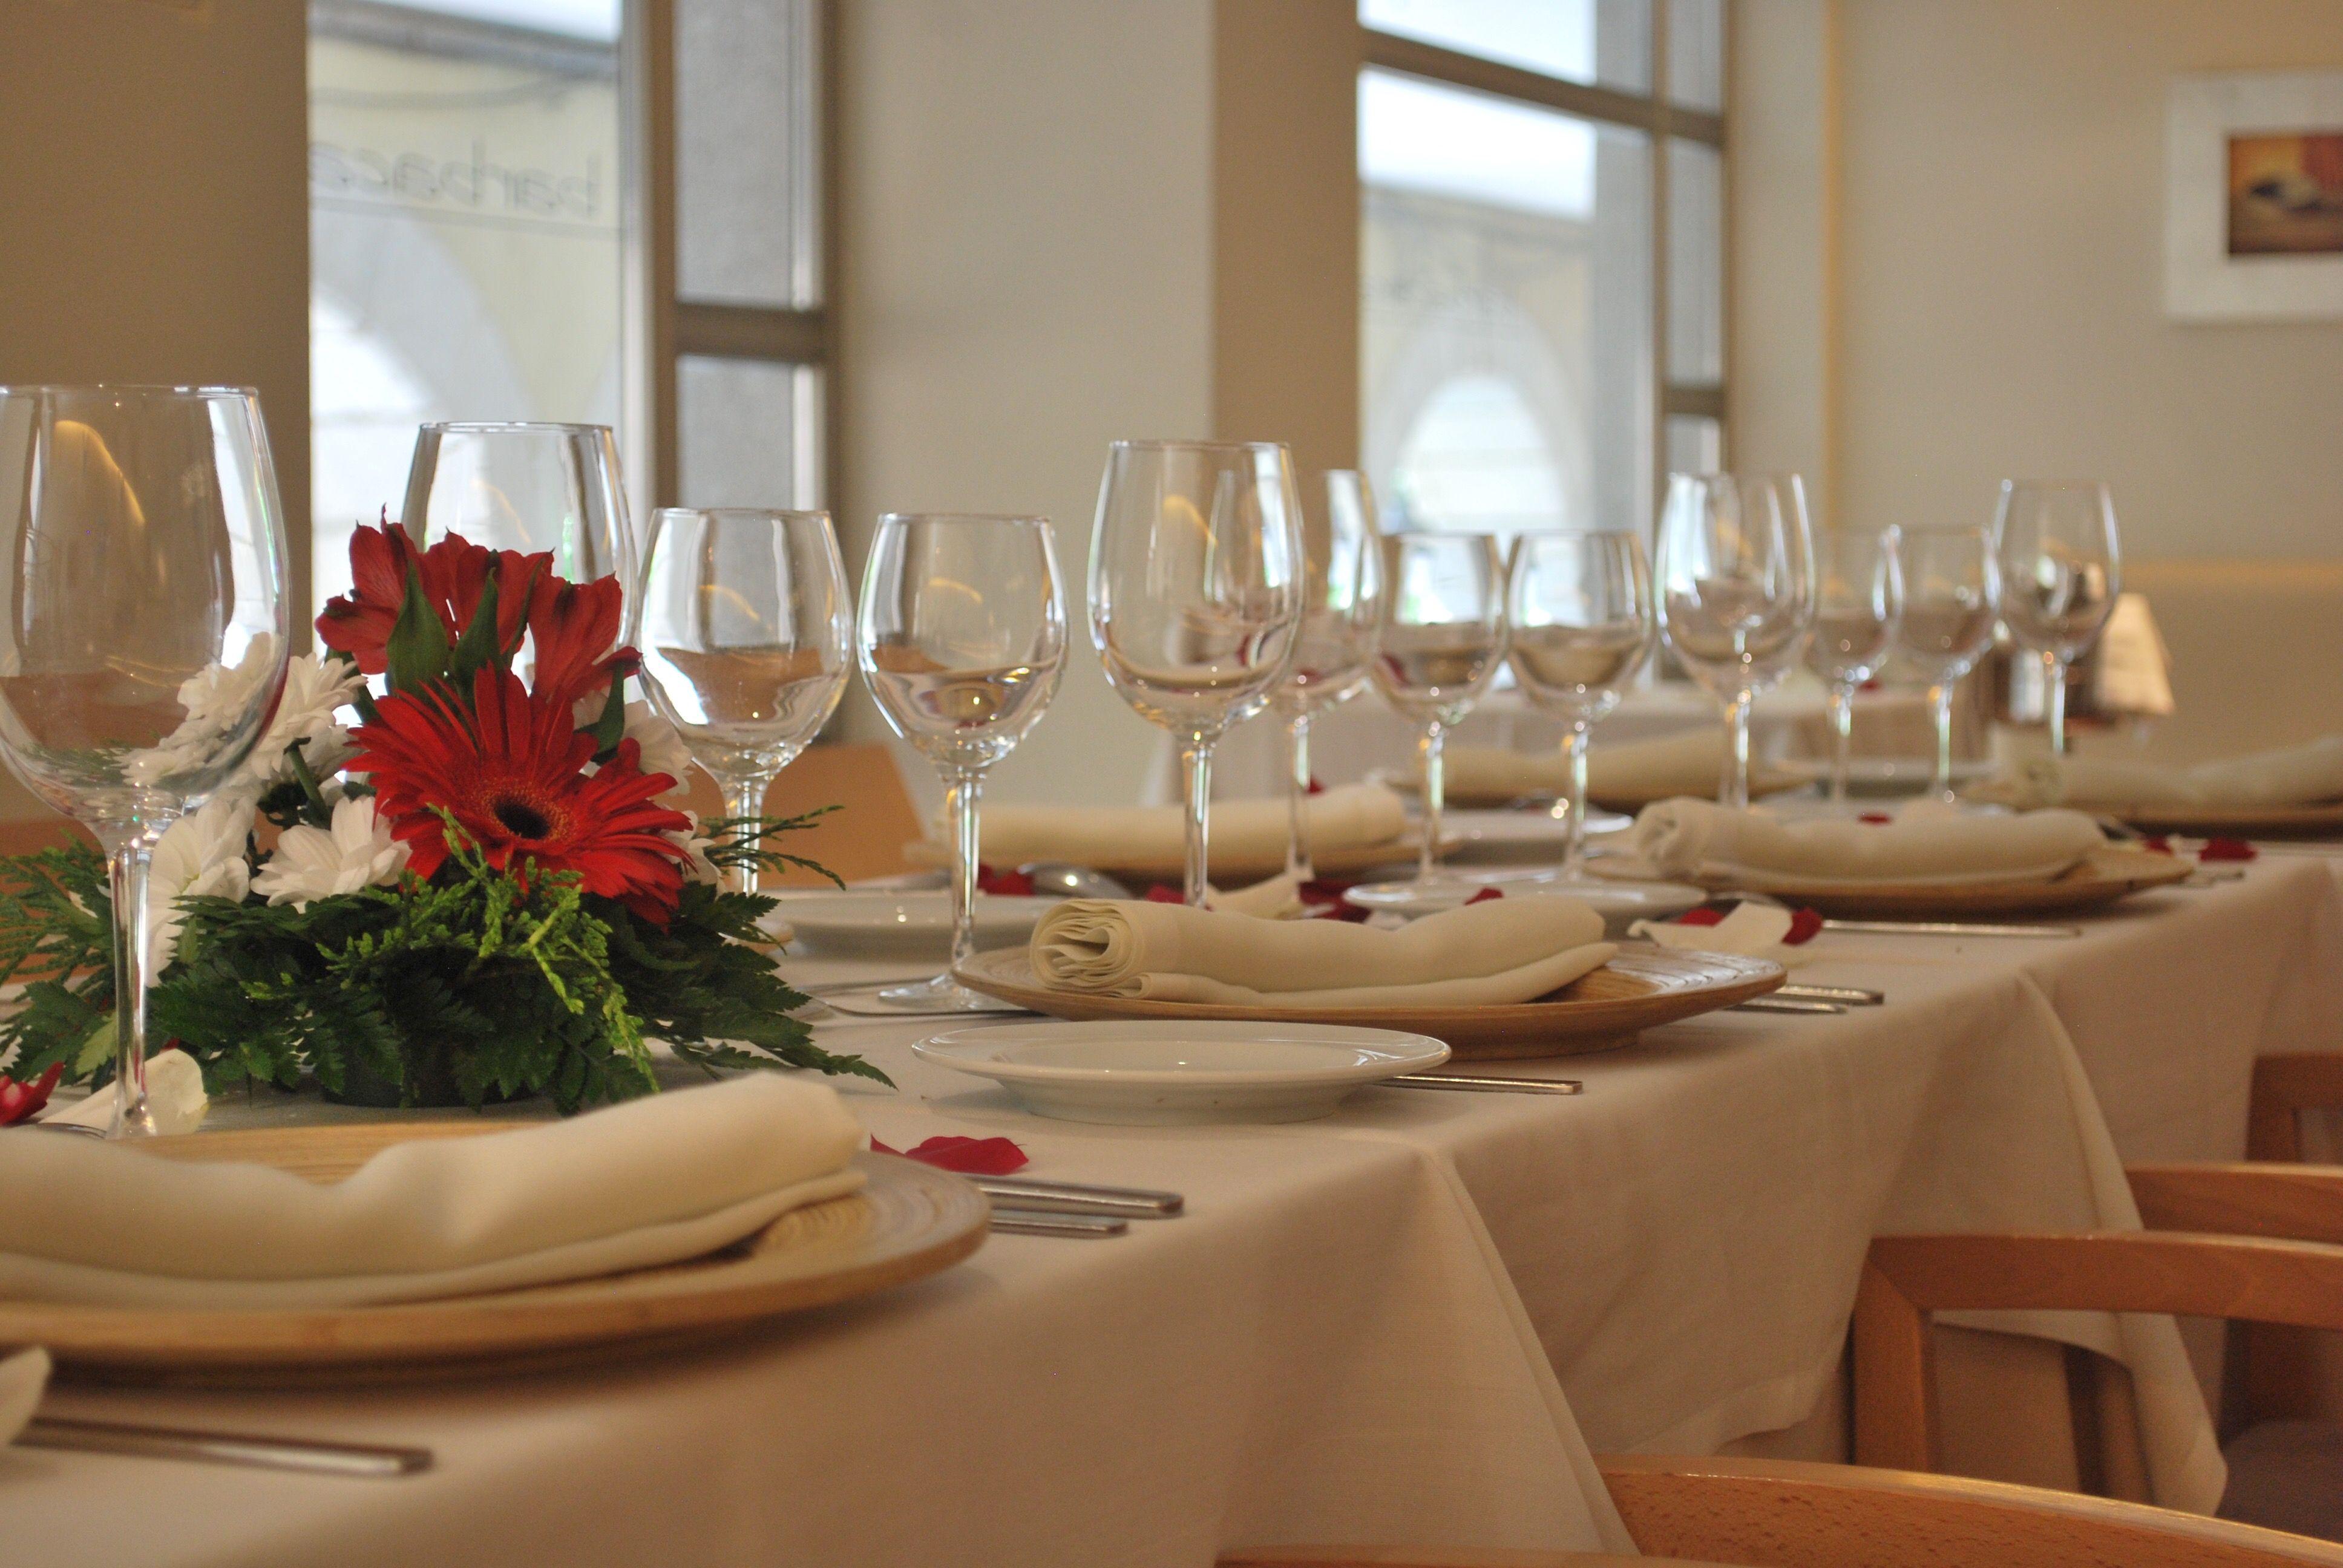 Foto 23 de Restaurante en  | Barbacana